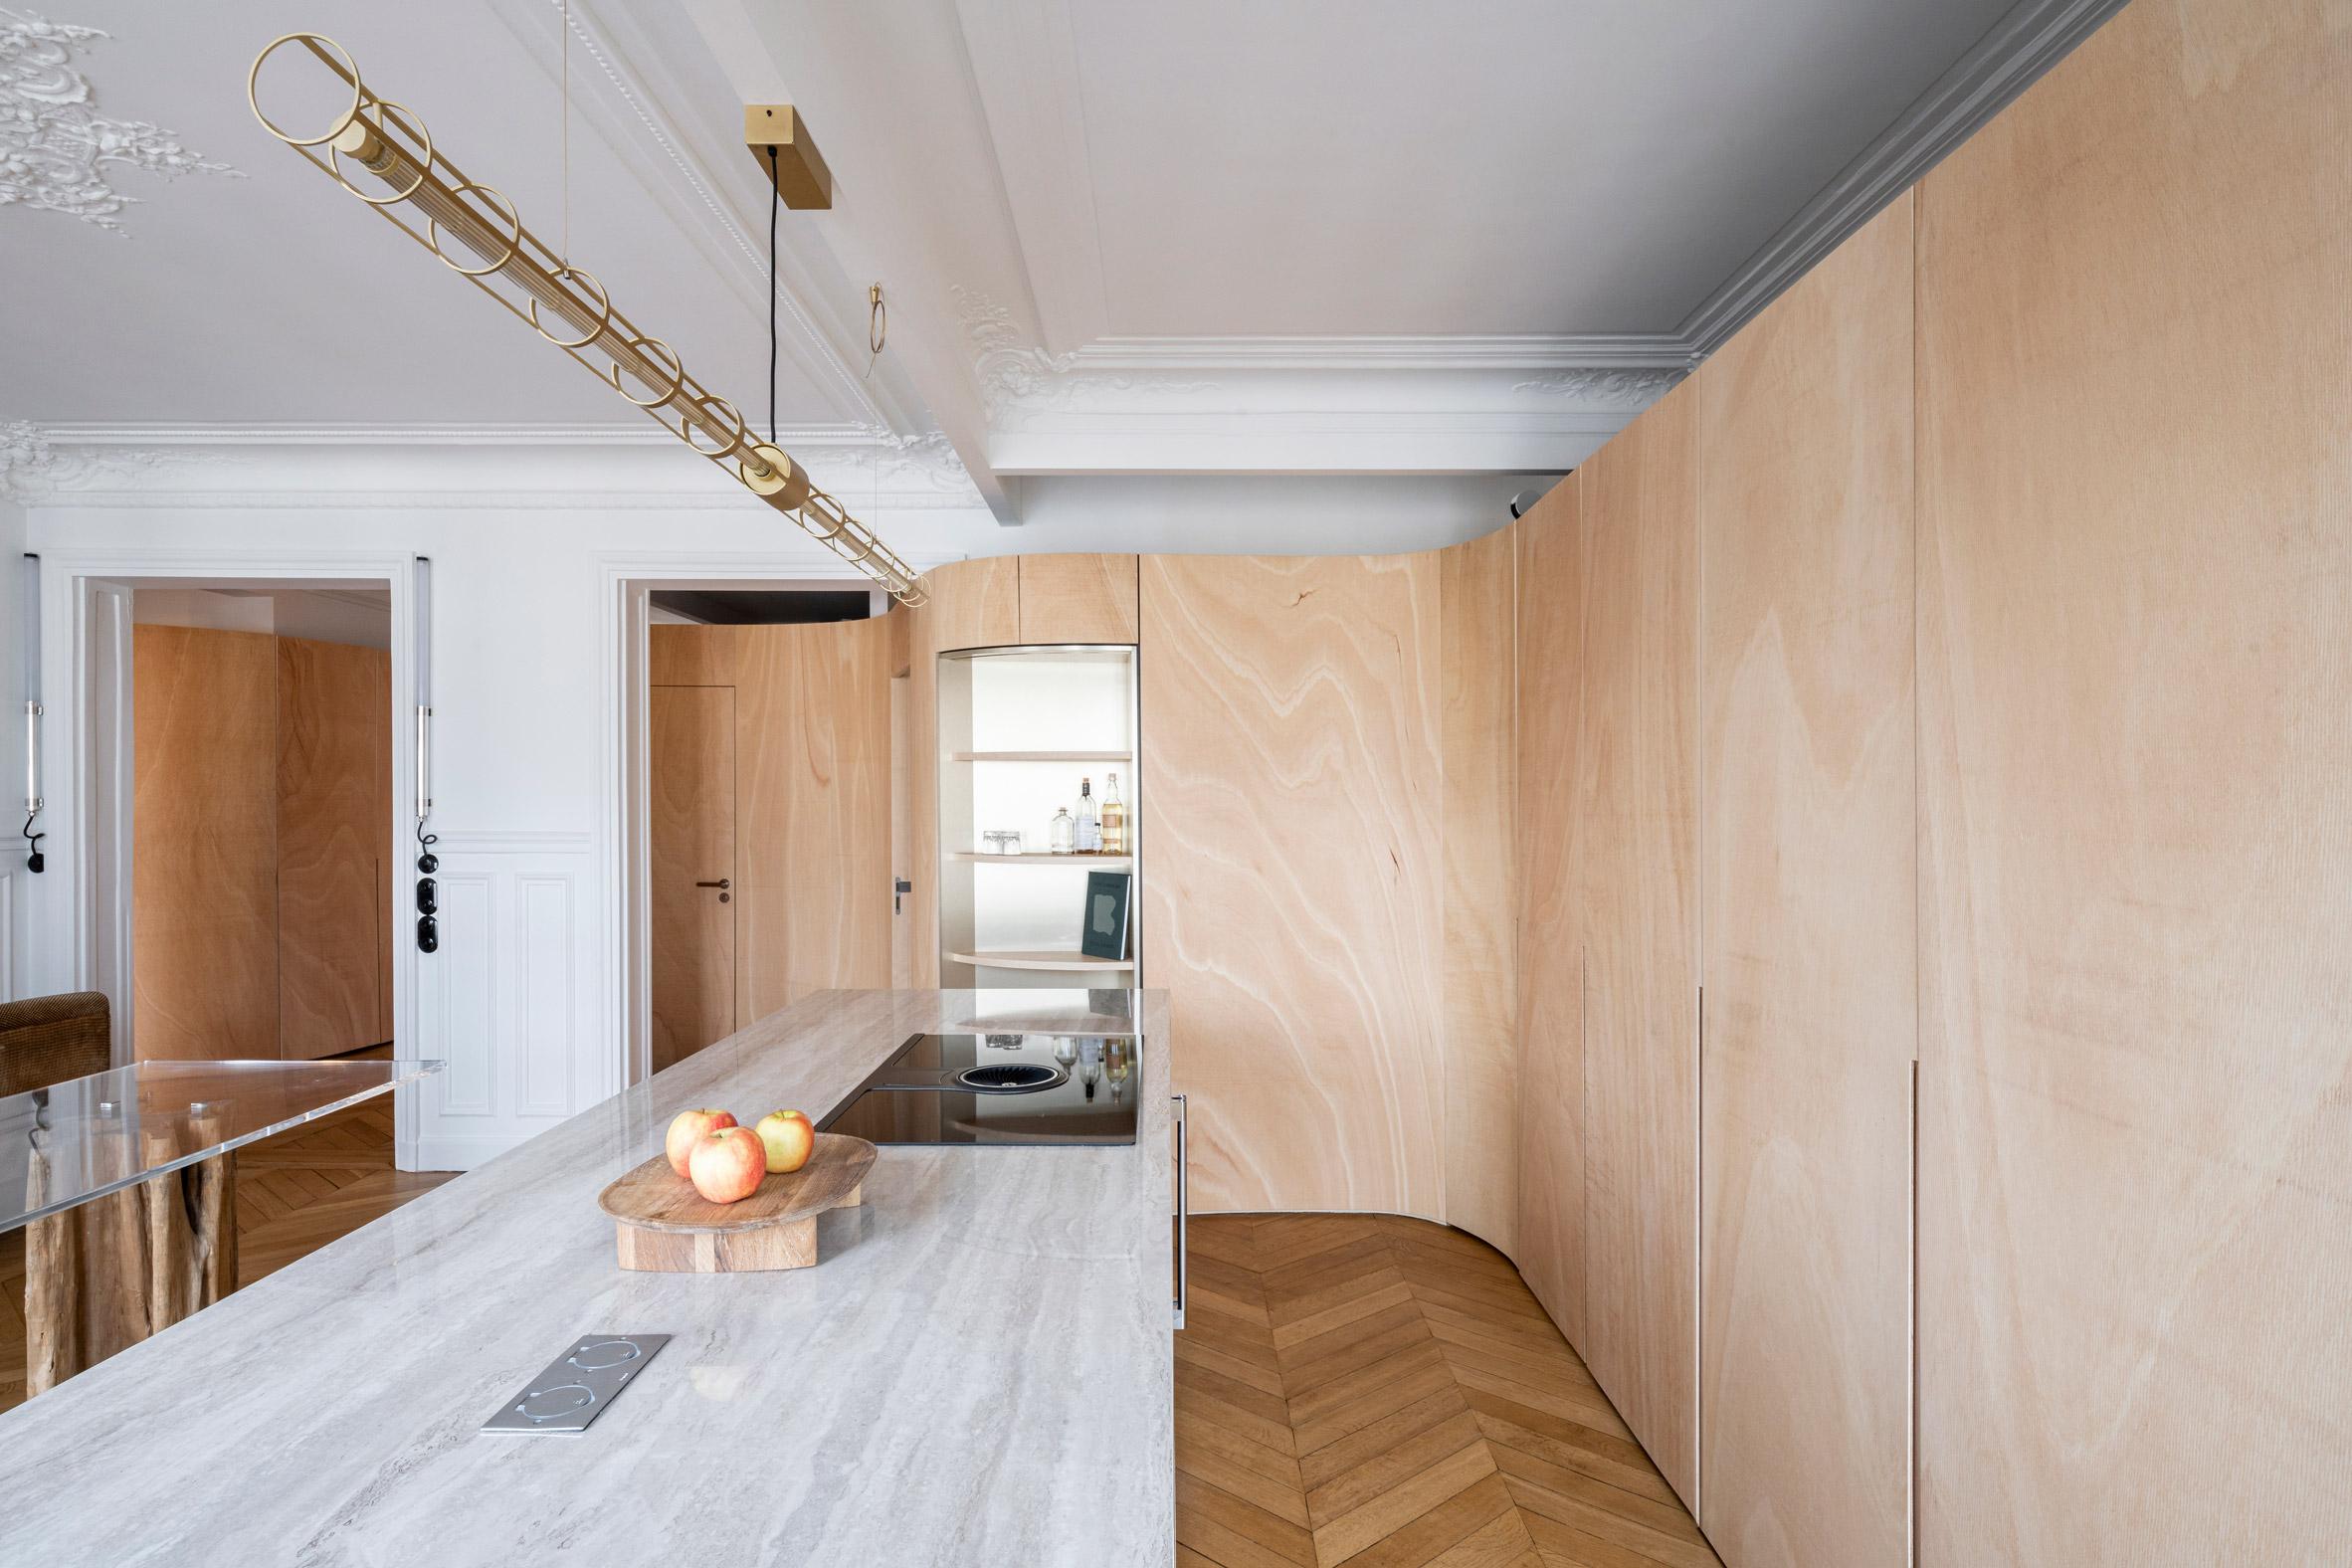 Thiết kế nội thất căn hộ 90m2 18